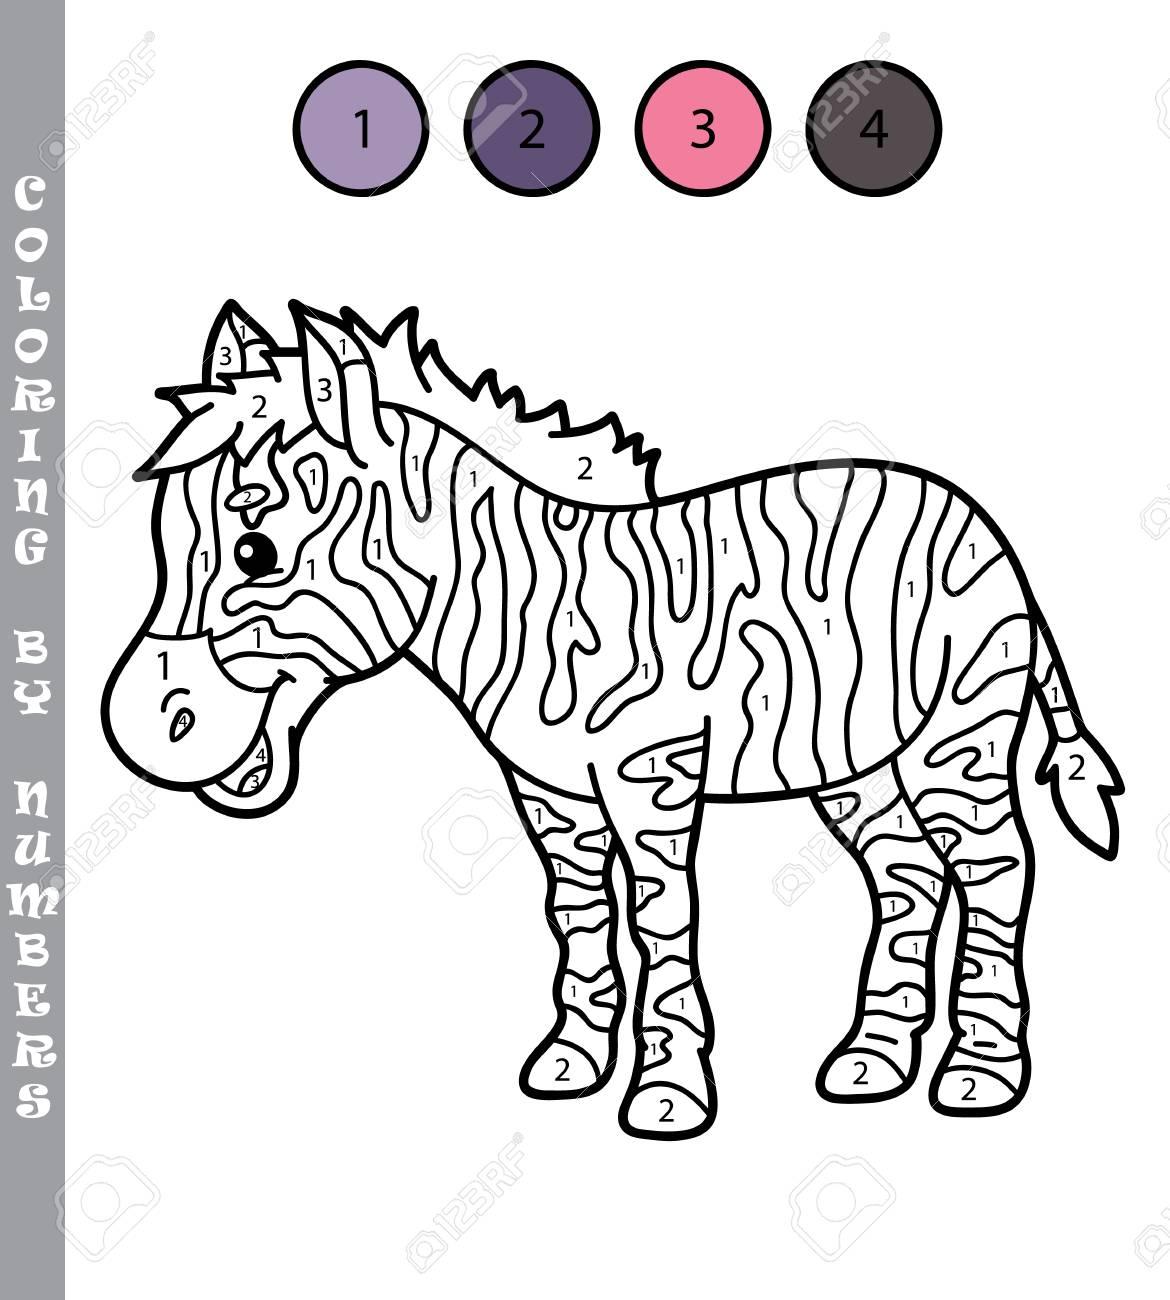 Colorear Por Números Juegos Educativos Para Niños Ilustración Vectorial De Colorear Por Números Juego Educativo Con Cebra De Dibujos Animados Para